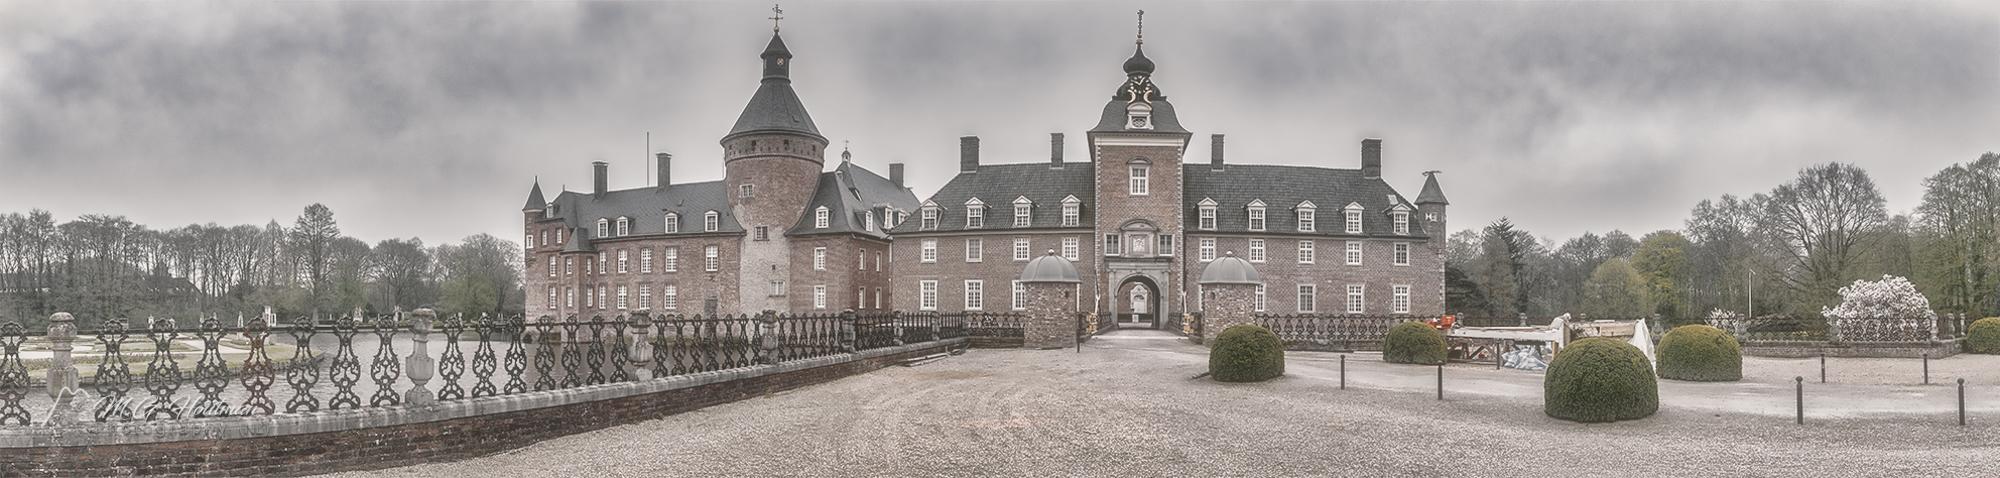 Kasteel Anholt - Museum Wasserburg Anholt